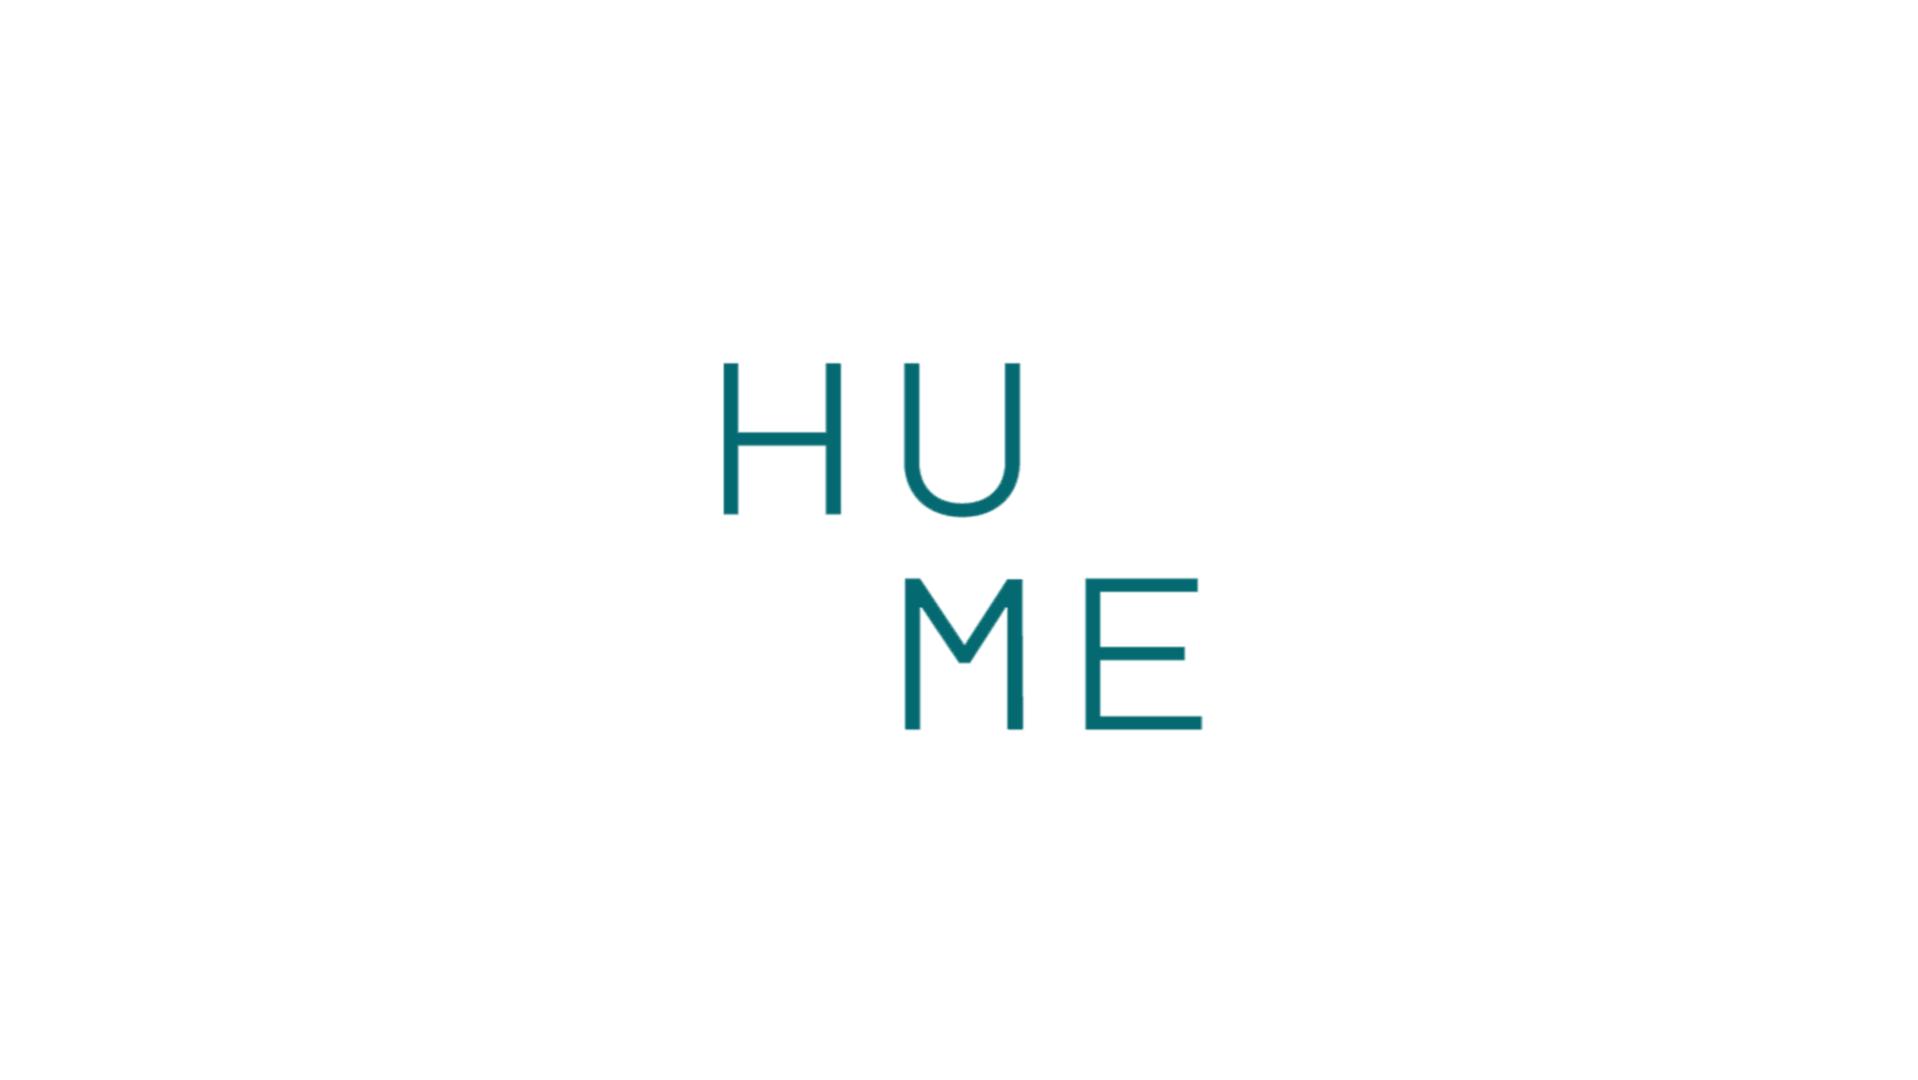 Hume Organisation logo